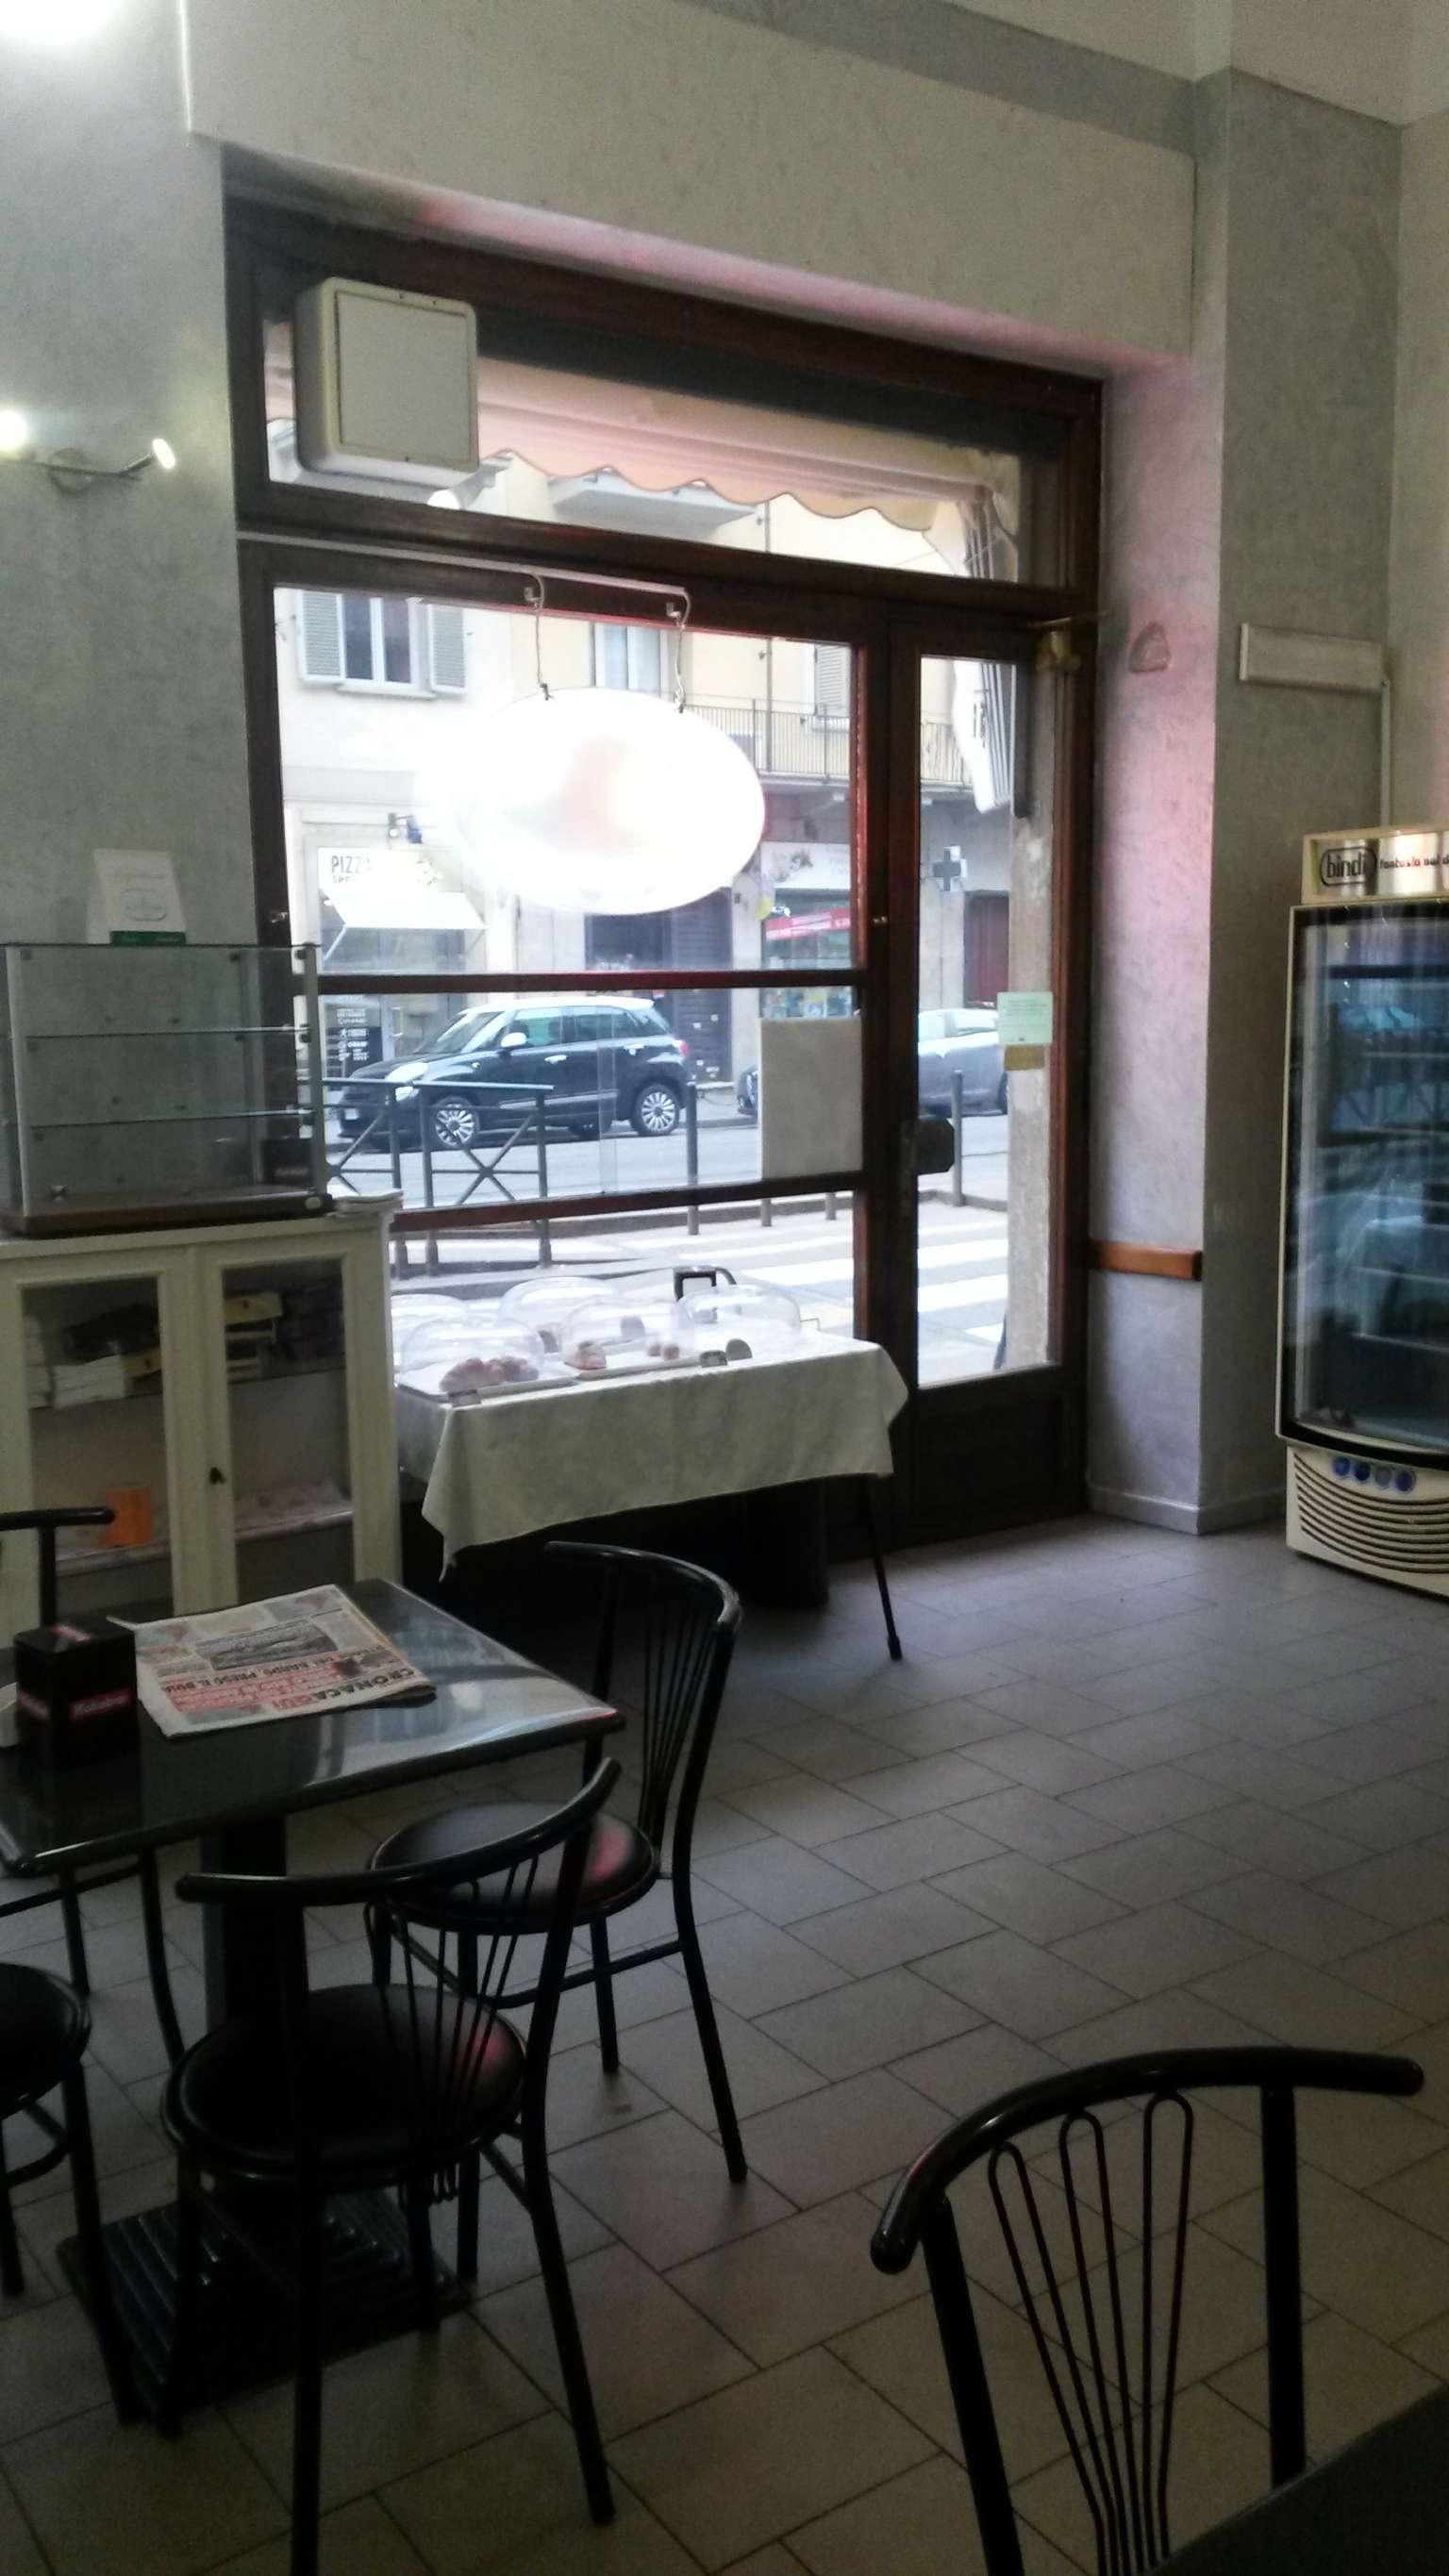 Cessione attività in vendita Zona Cit Turin, San Donato, Campidoglio - via Cibrario Torino